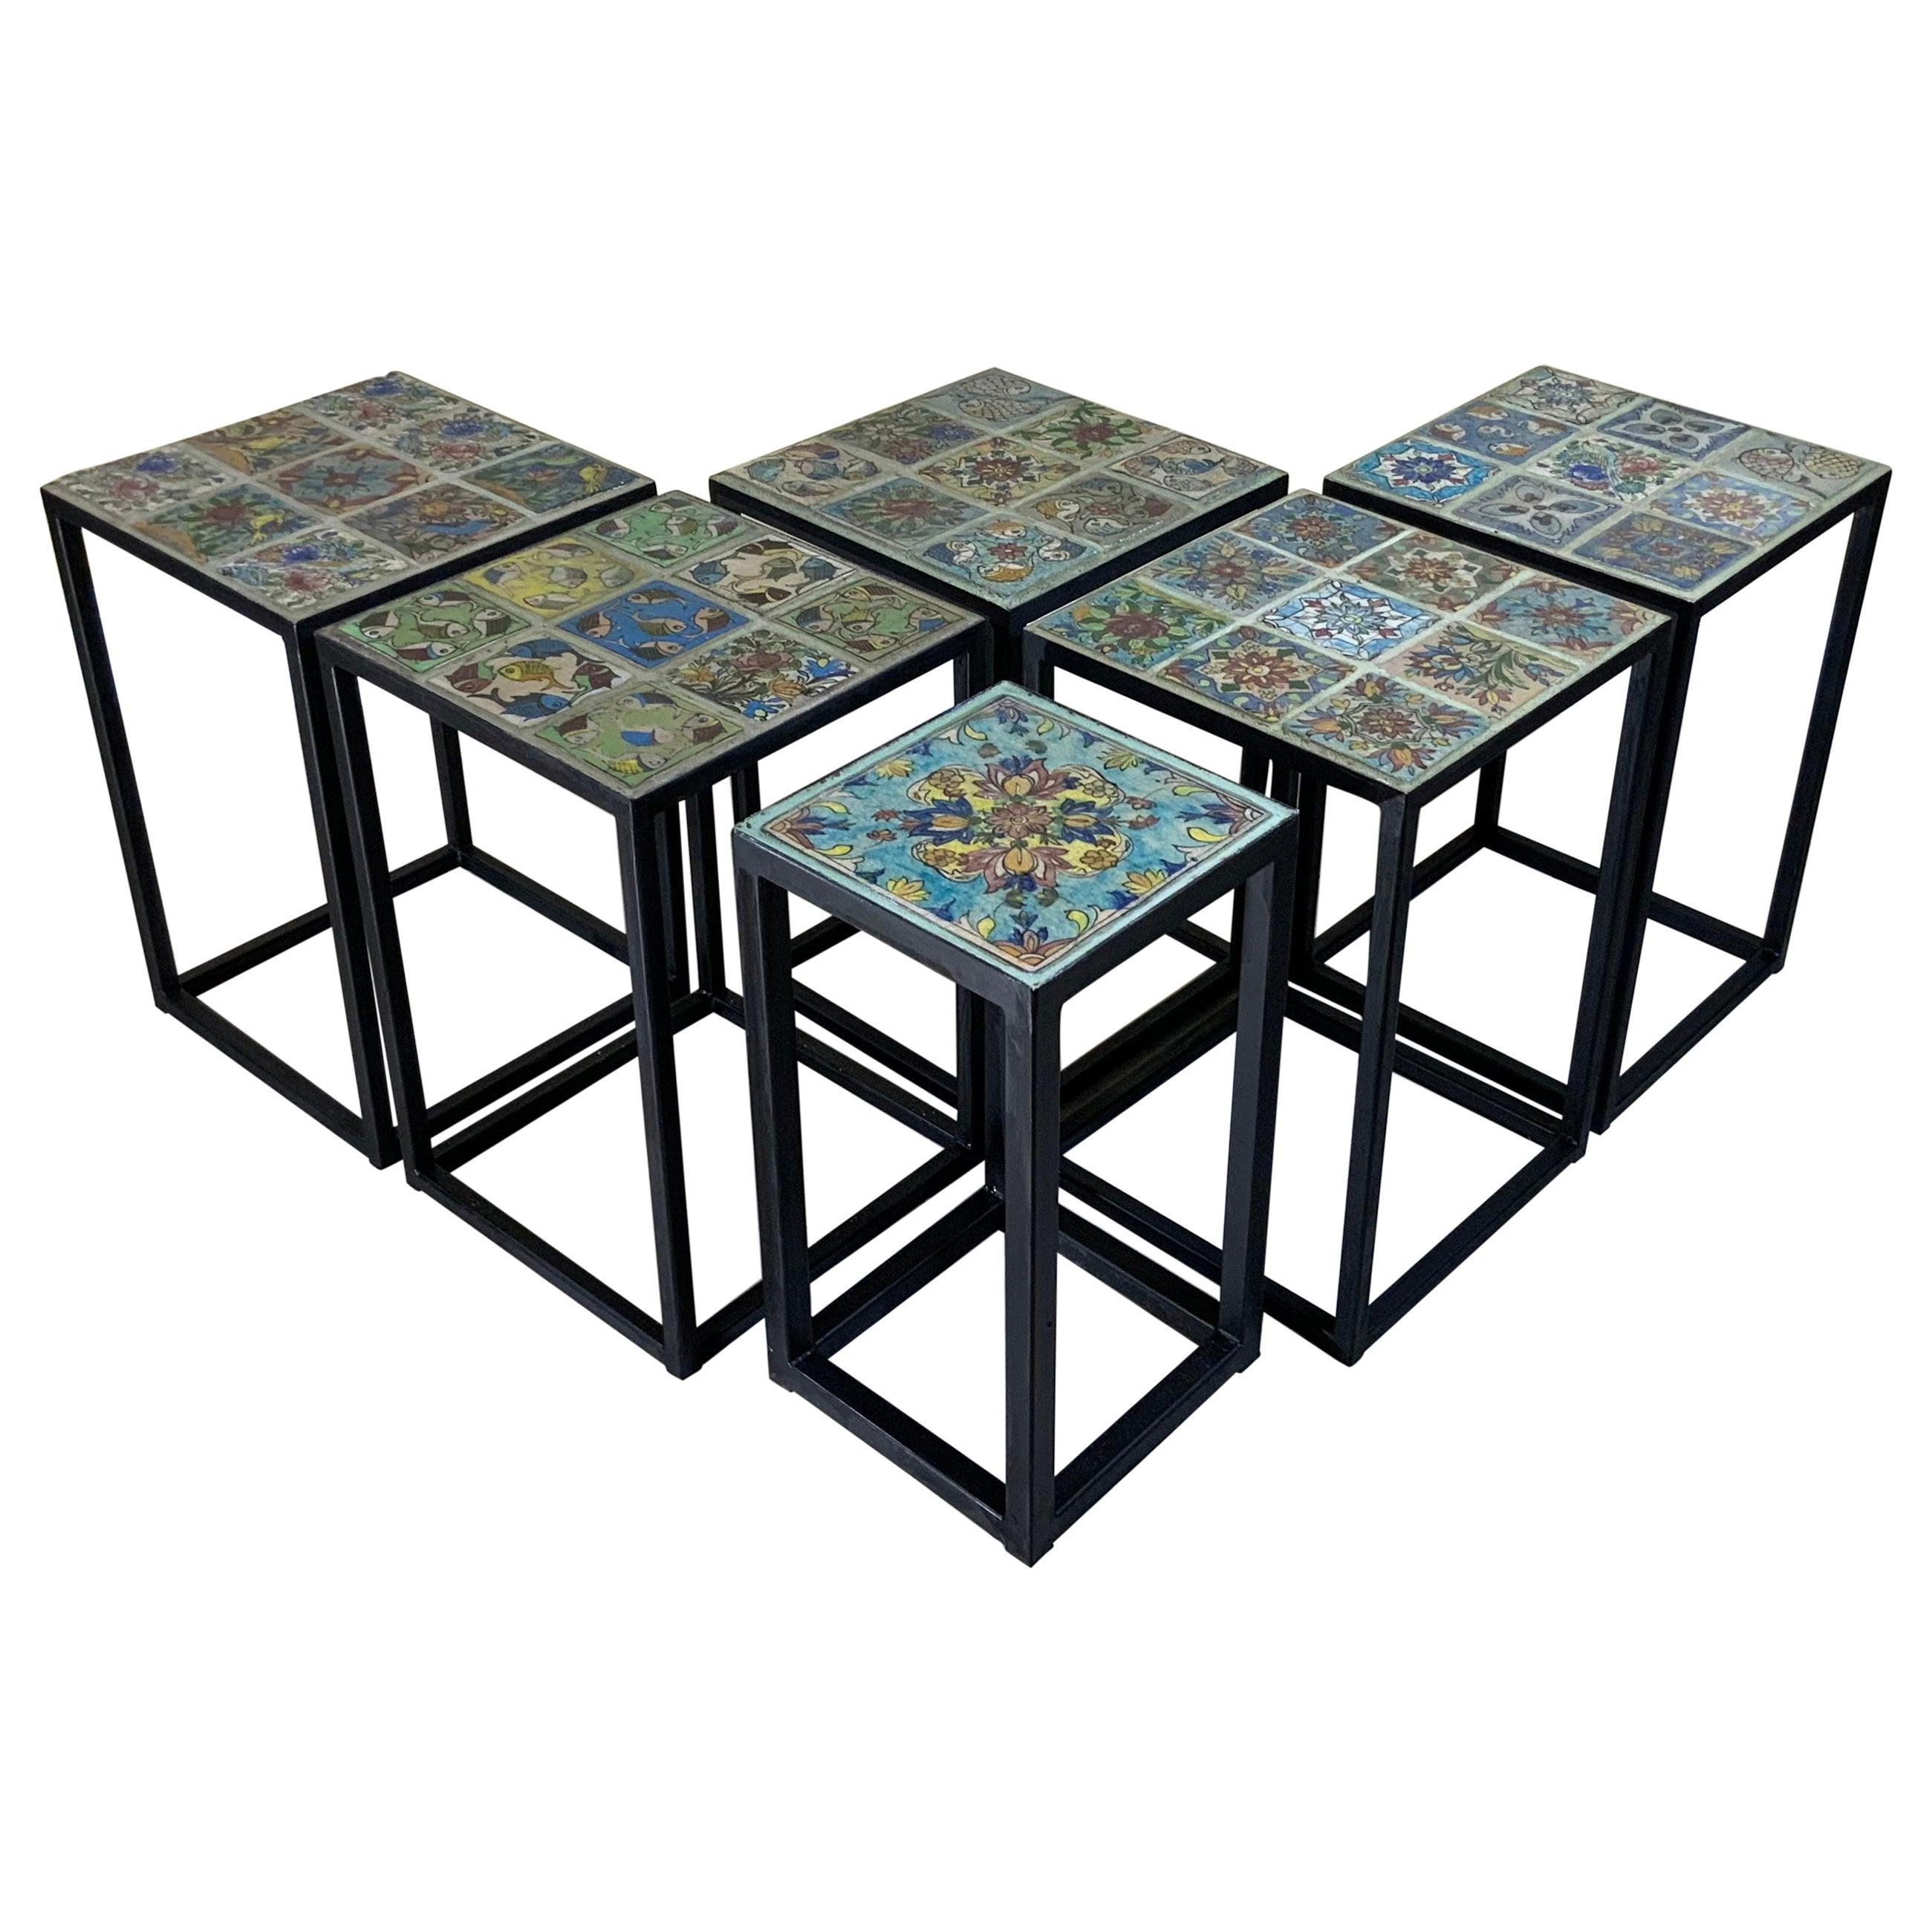 Set of Five Vintage Ceramic Square Tile Side Tables